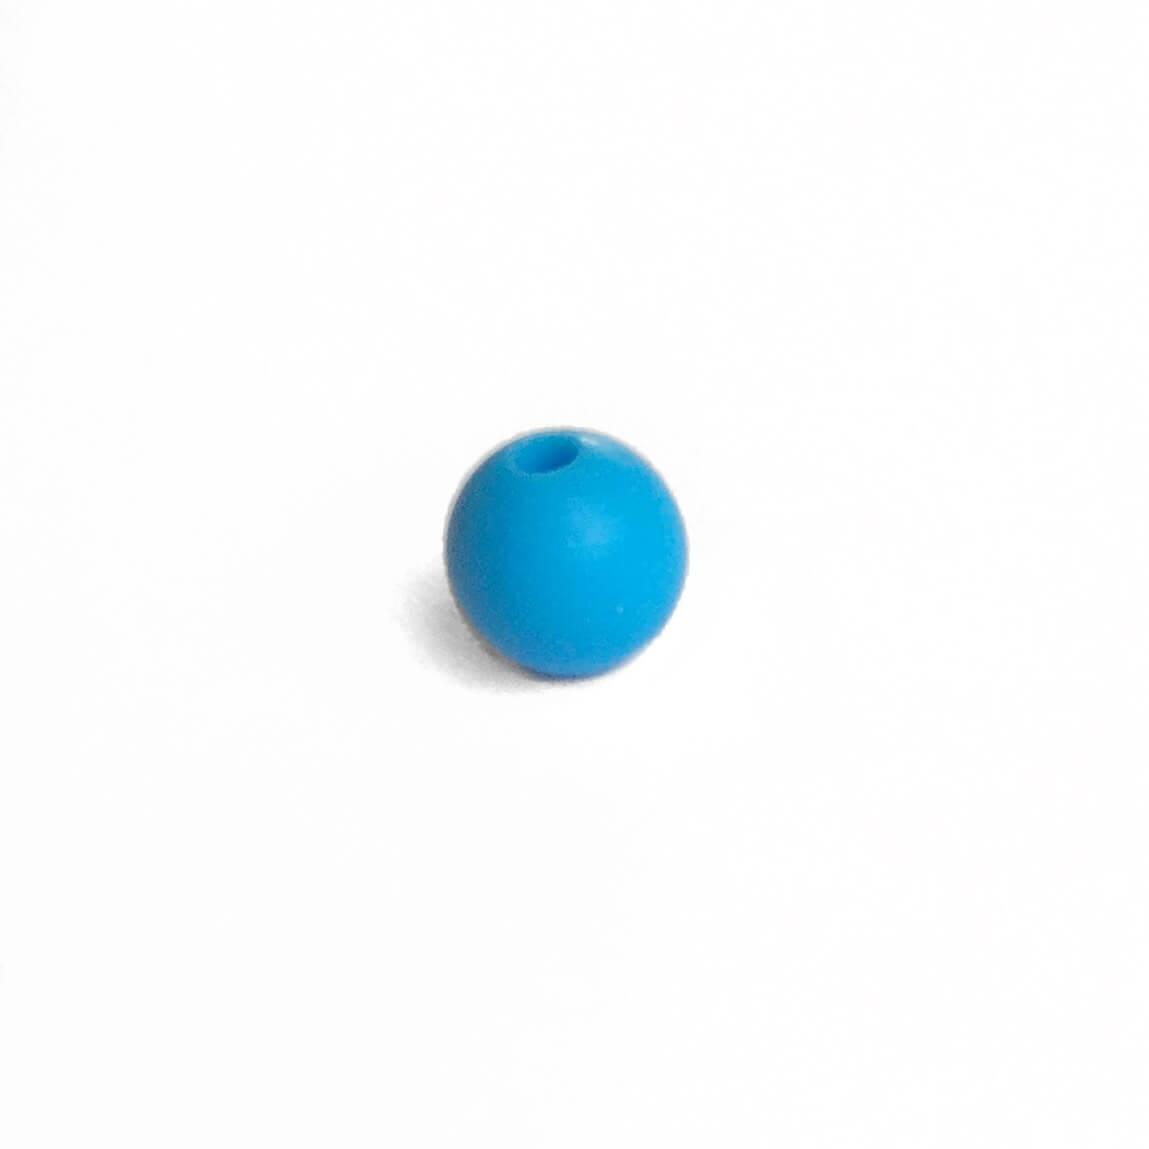 9мм (голубая) круглая, силиконовая бусина